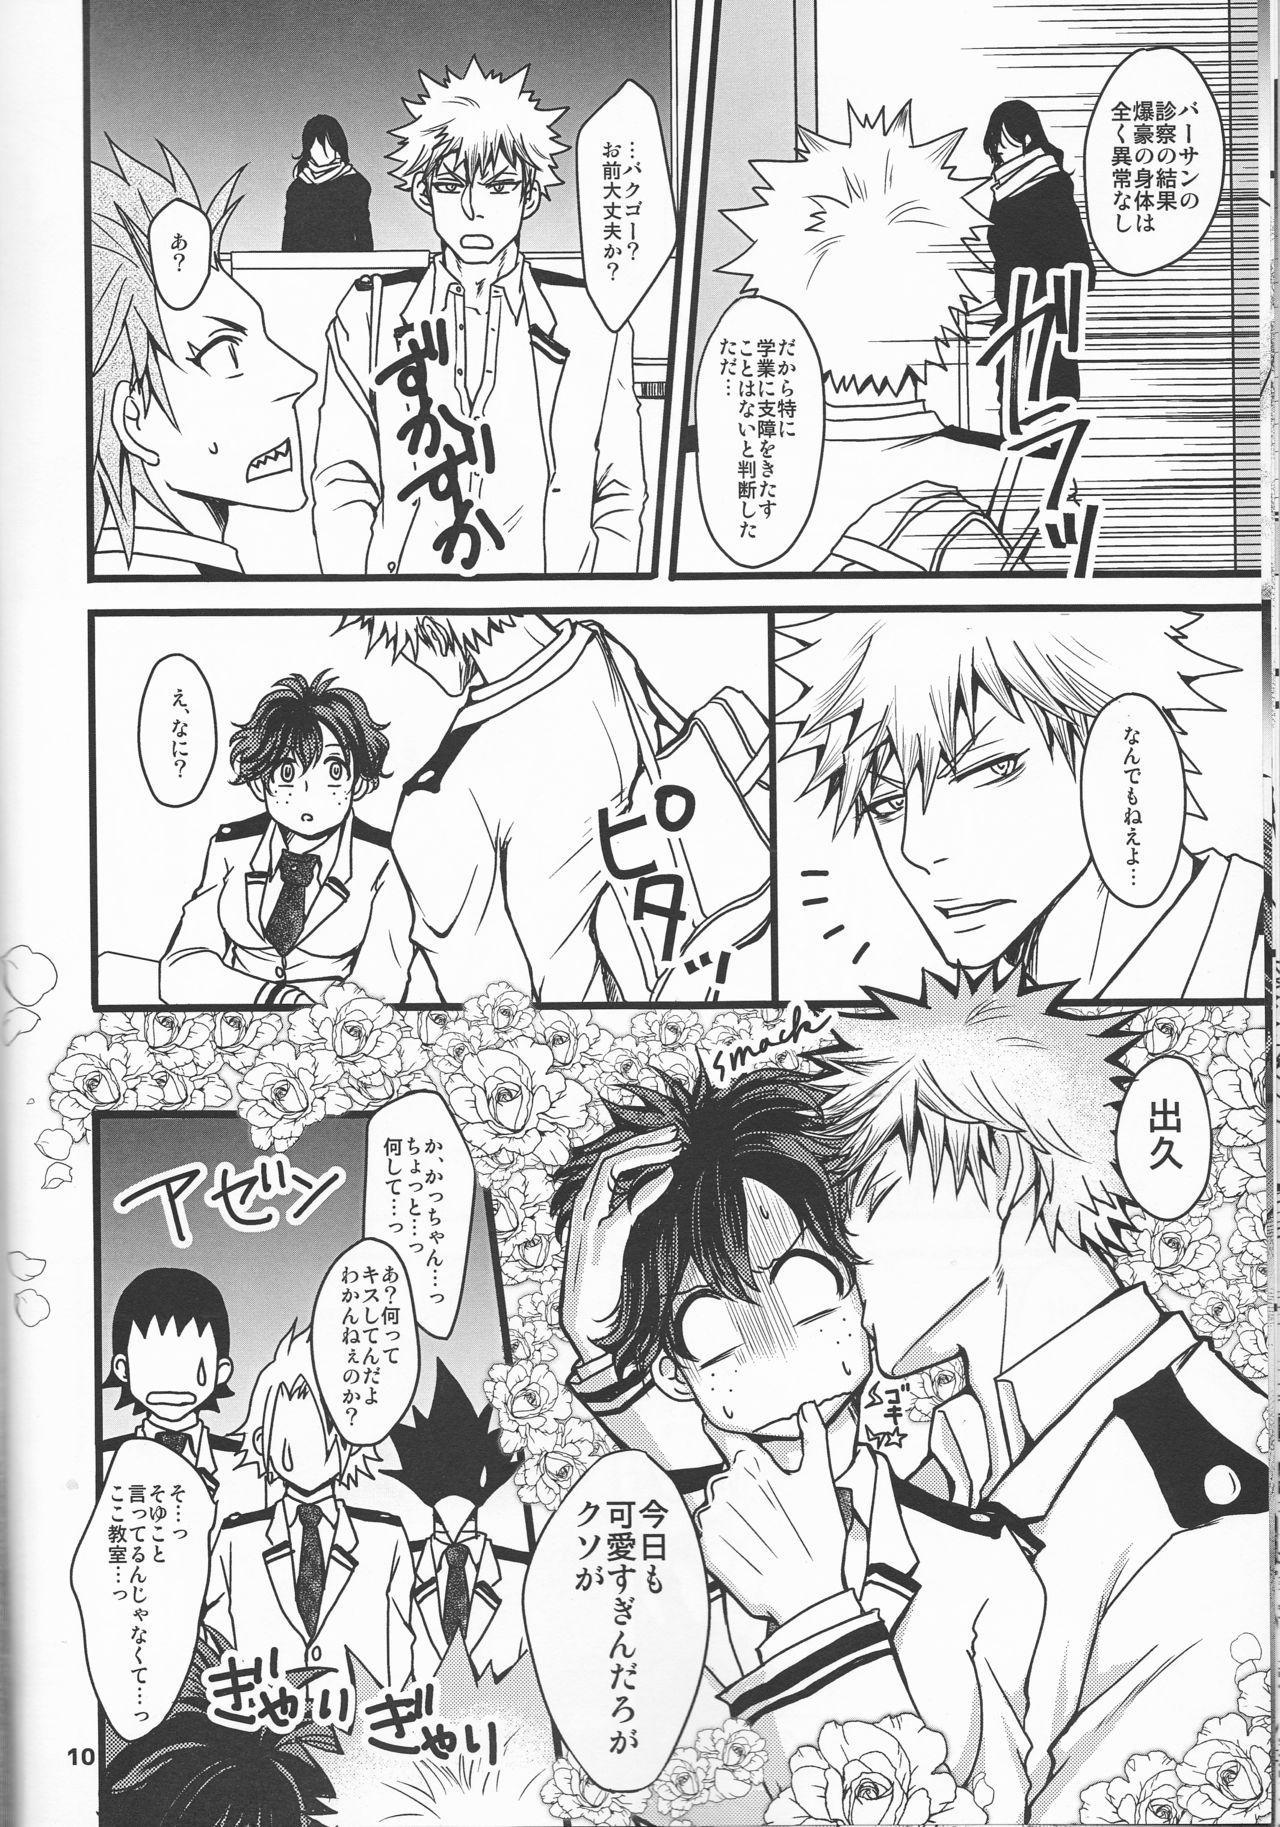 Super Darling Bakugou Katsuki 9